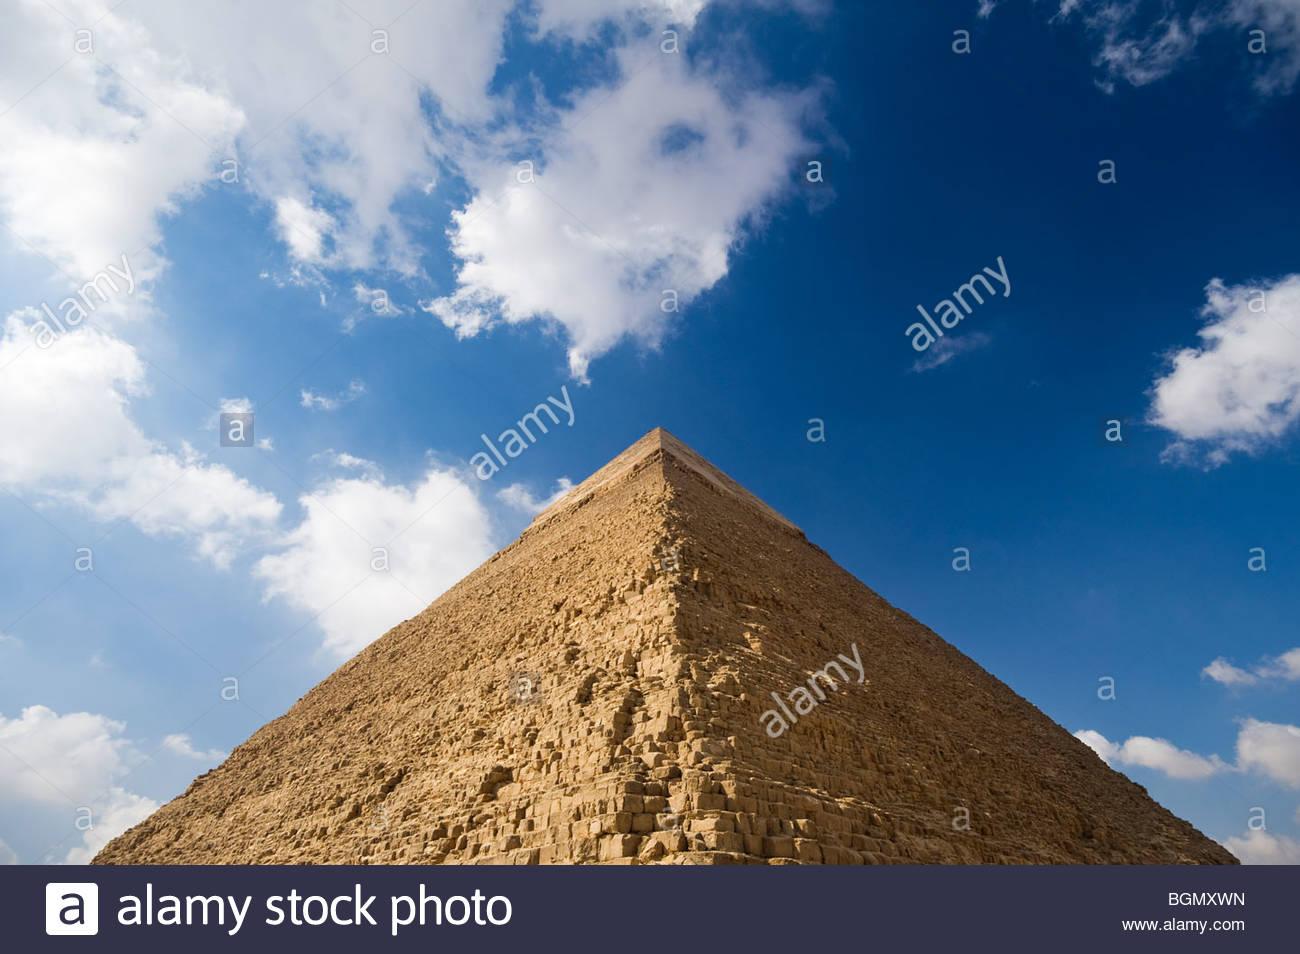 The Pyramid of Khafre, Giza, Cairo, Egypt. - Stock Image